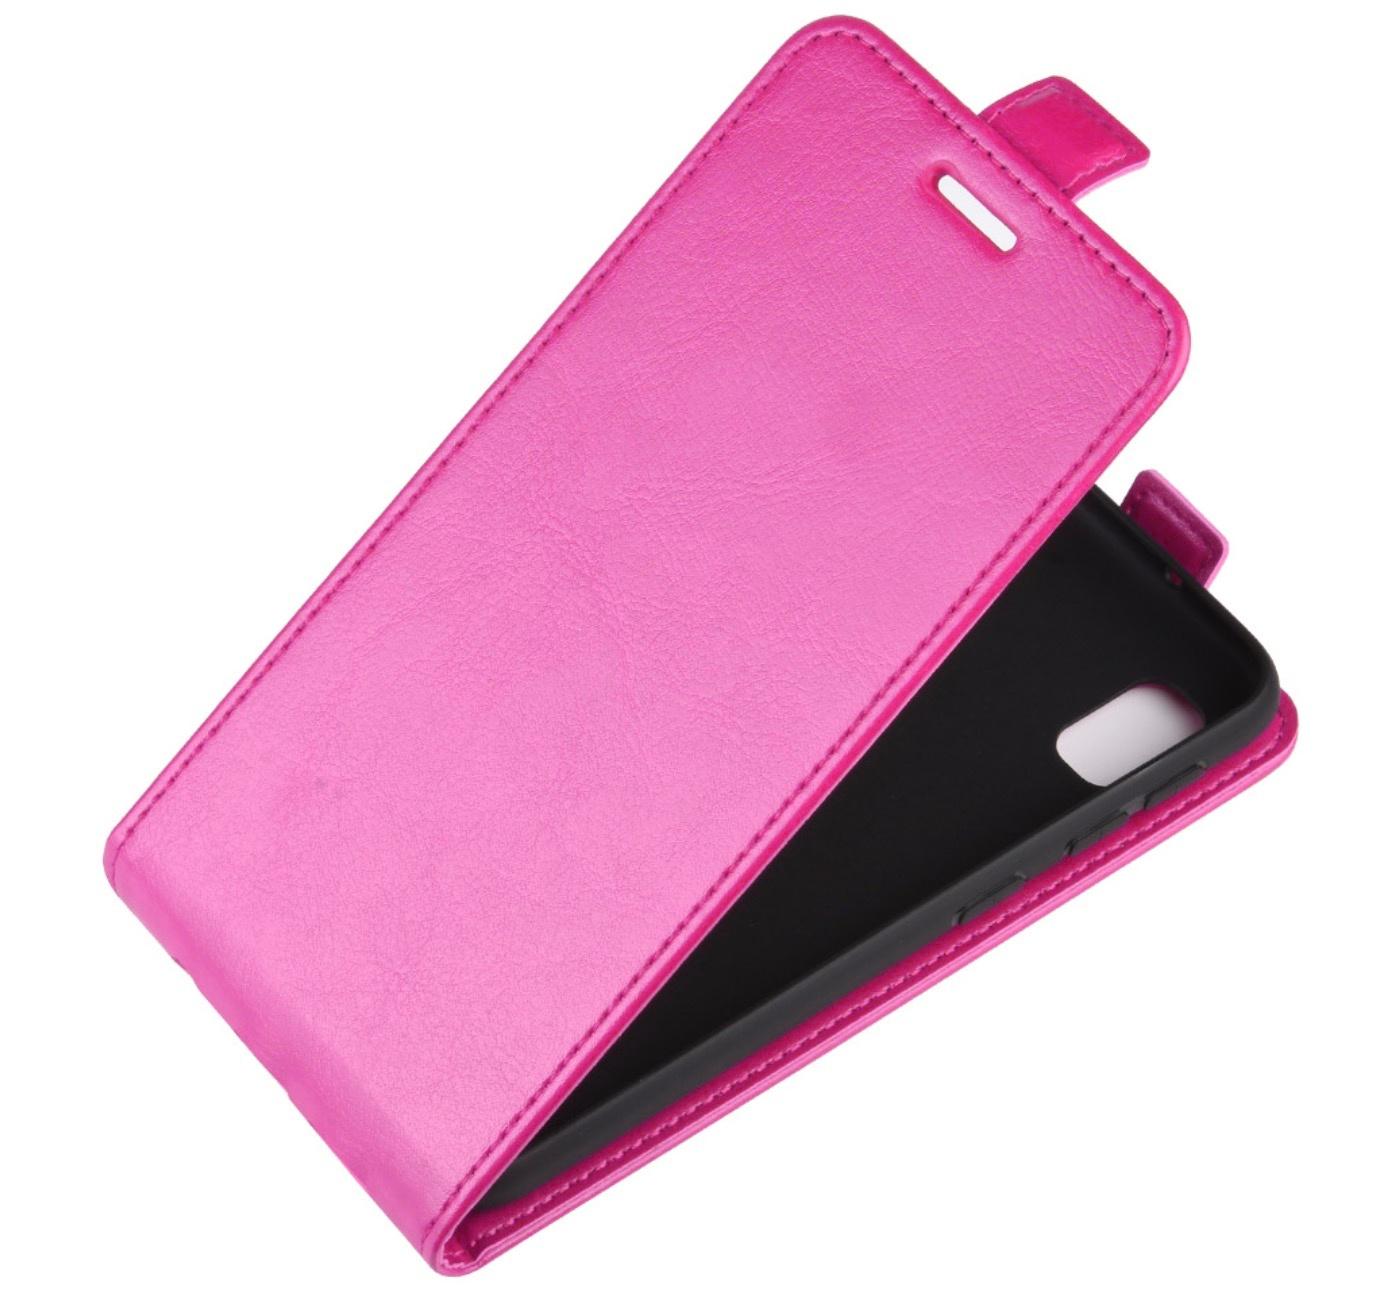 Чехол-флип MyPads для Asus Zenfone 5 A500CG вертикальный откидной розовый чехол для для мобильных телефонов oem asus zenfone 5 asus zenfone5 a500cg asus zenfone 5 case